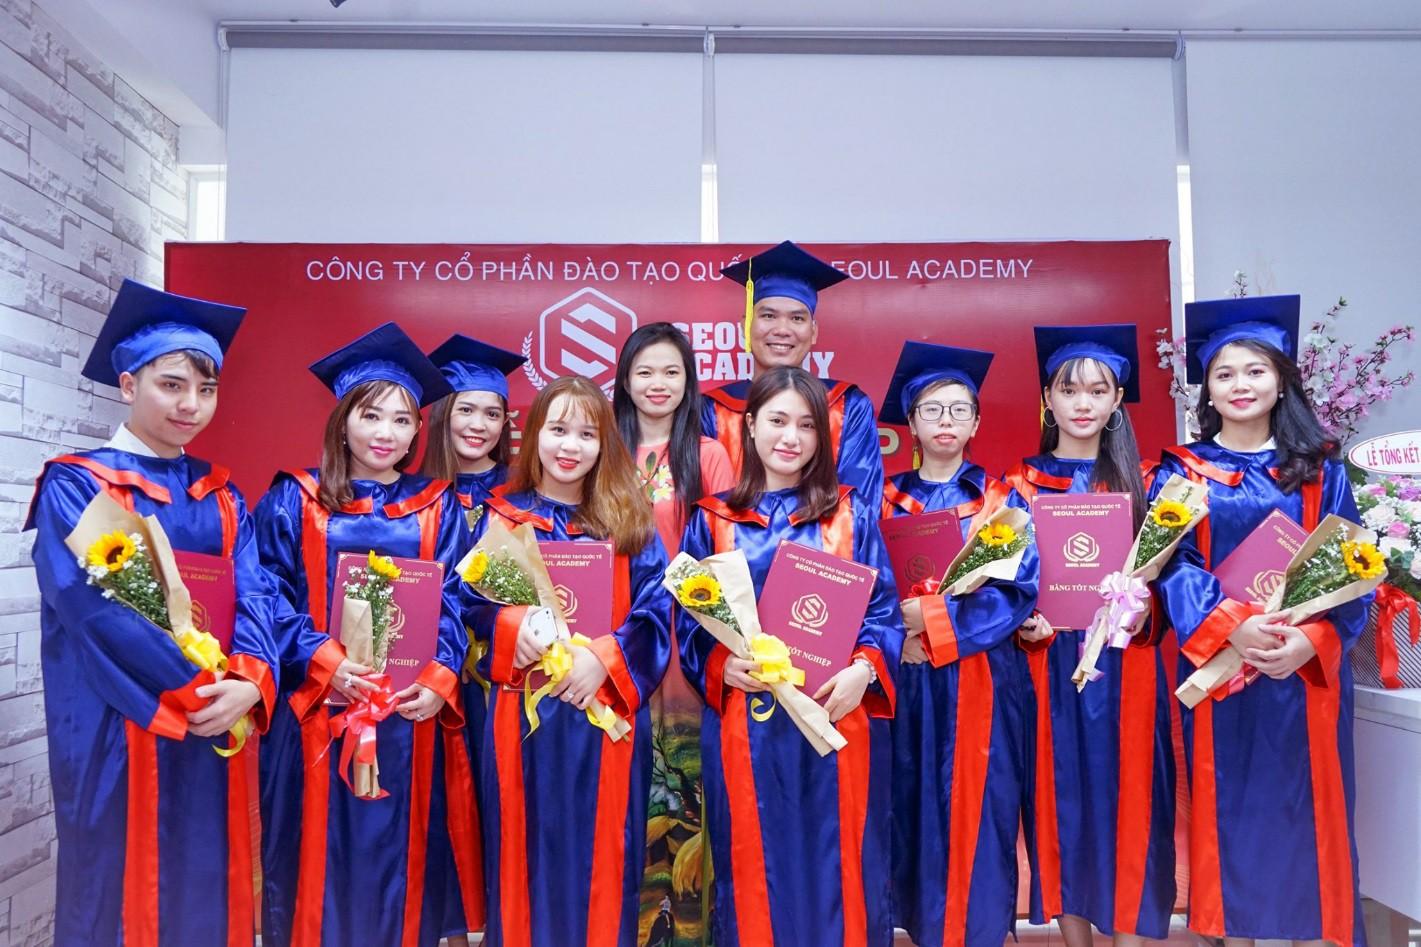 10 lý do chọn Seoul Academy là nơi khởi đầu nghề nghiệp - Ảnh 4.